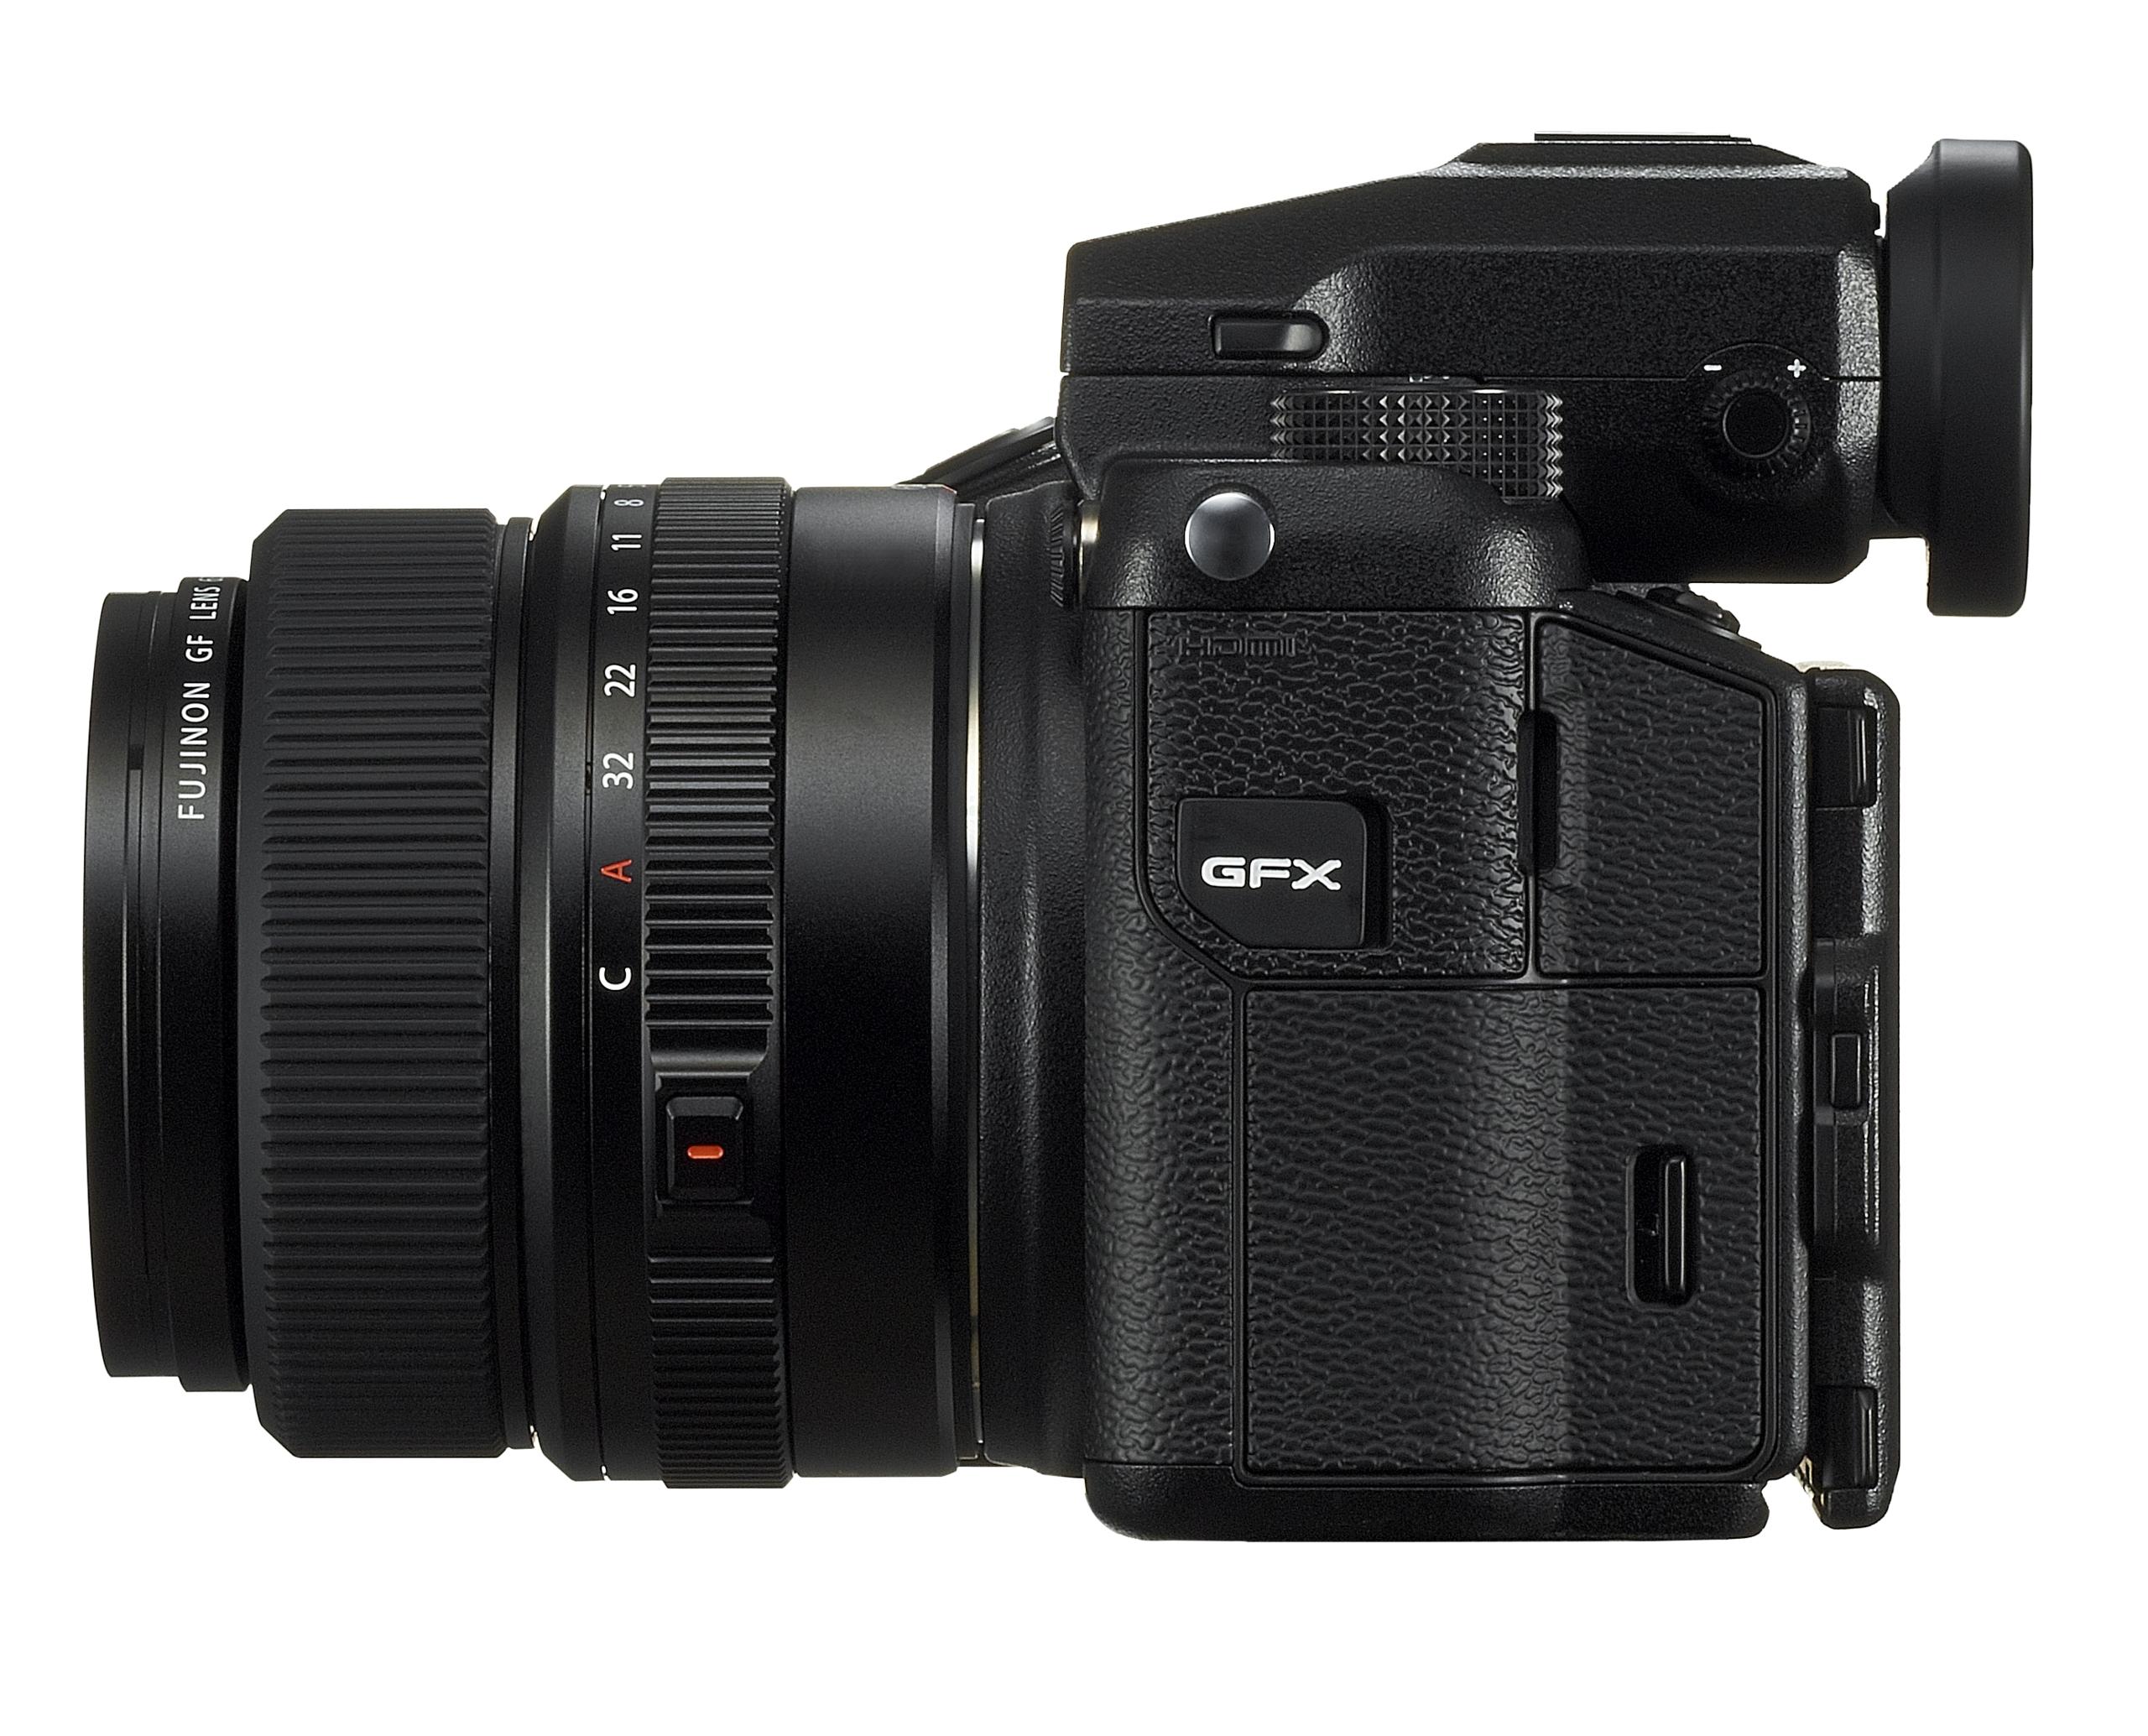 Foto de Fujifilm GFX 50S y objetivos (11/11)